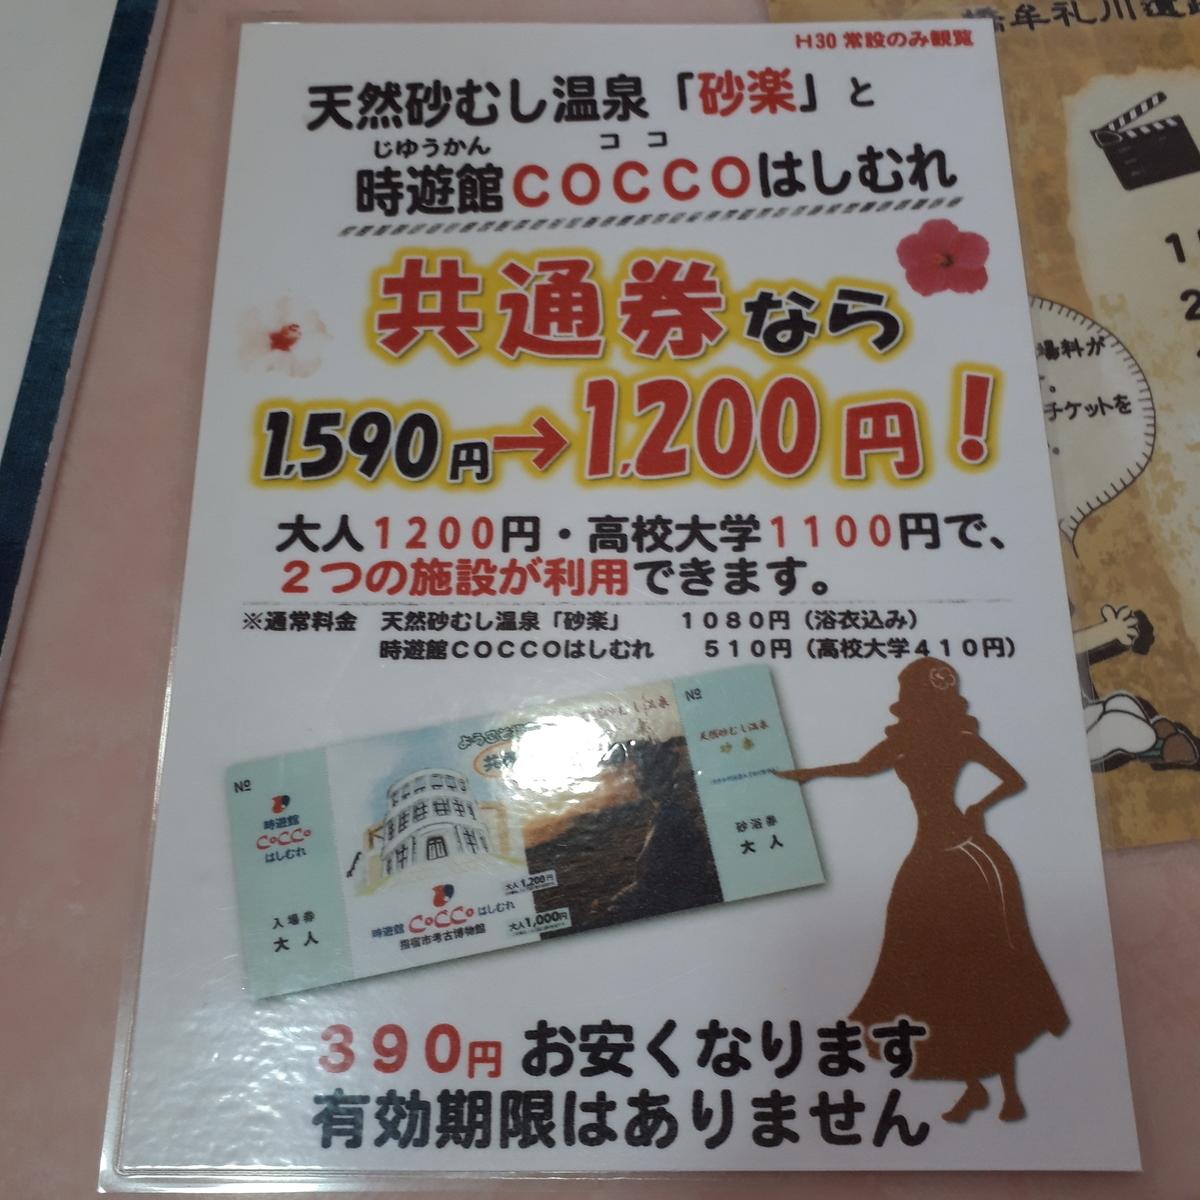 指宿市考古博物館 時遊館 Cocco はしむれ Coccoはしむれと砂蒸し温泉砂楽との共通券